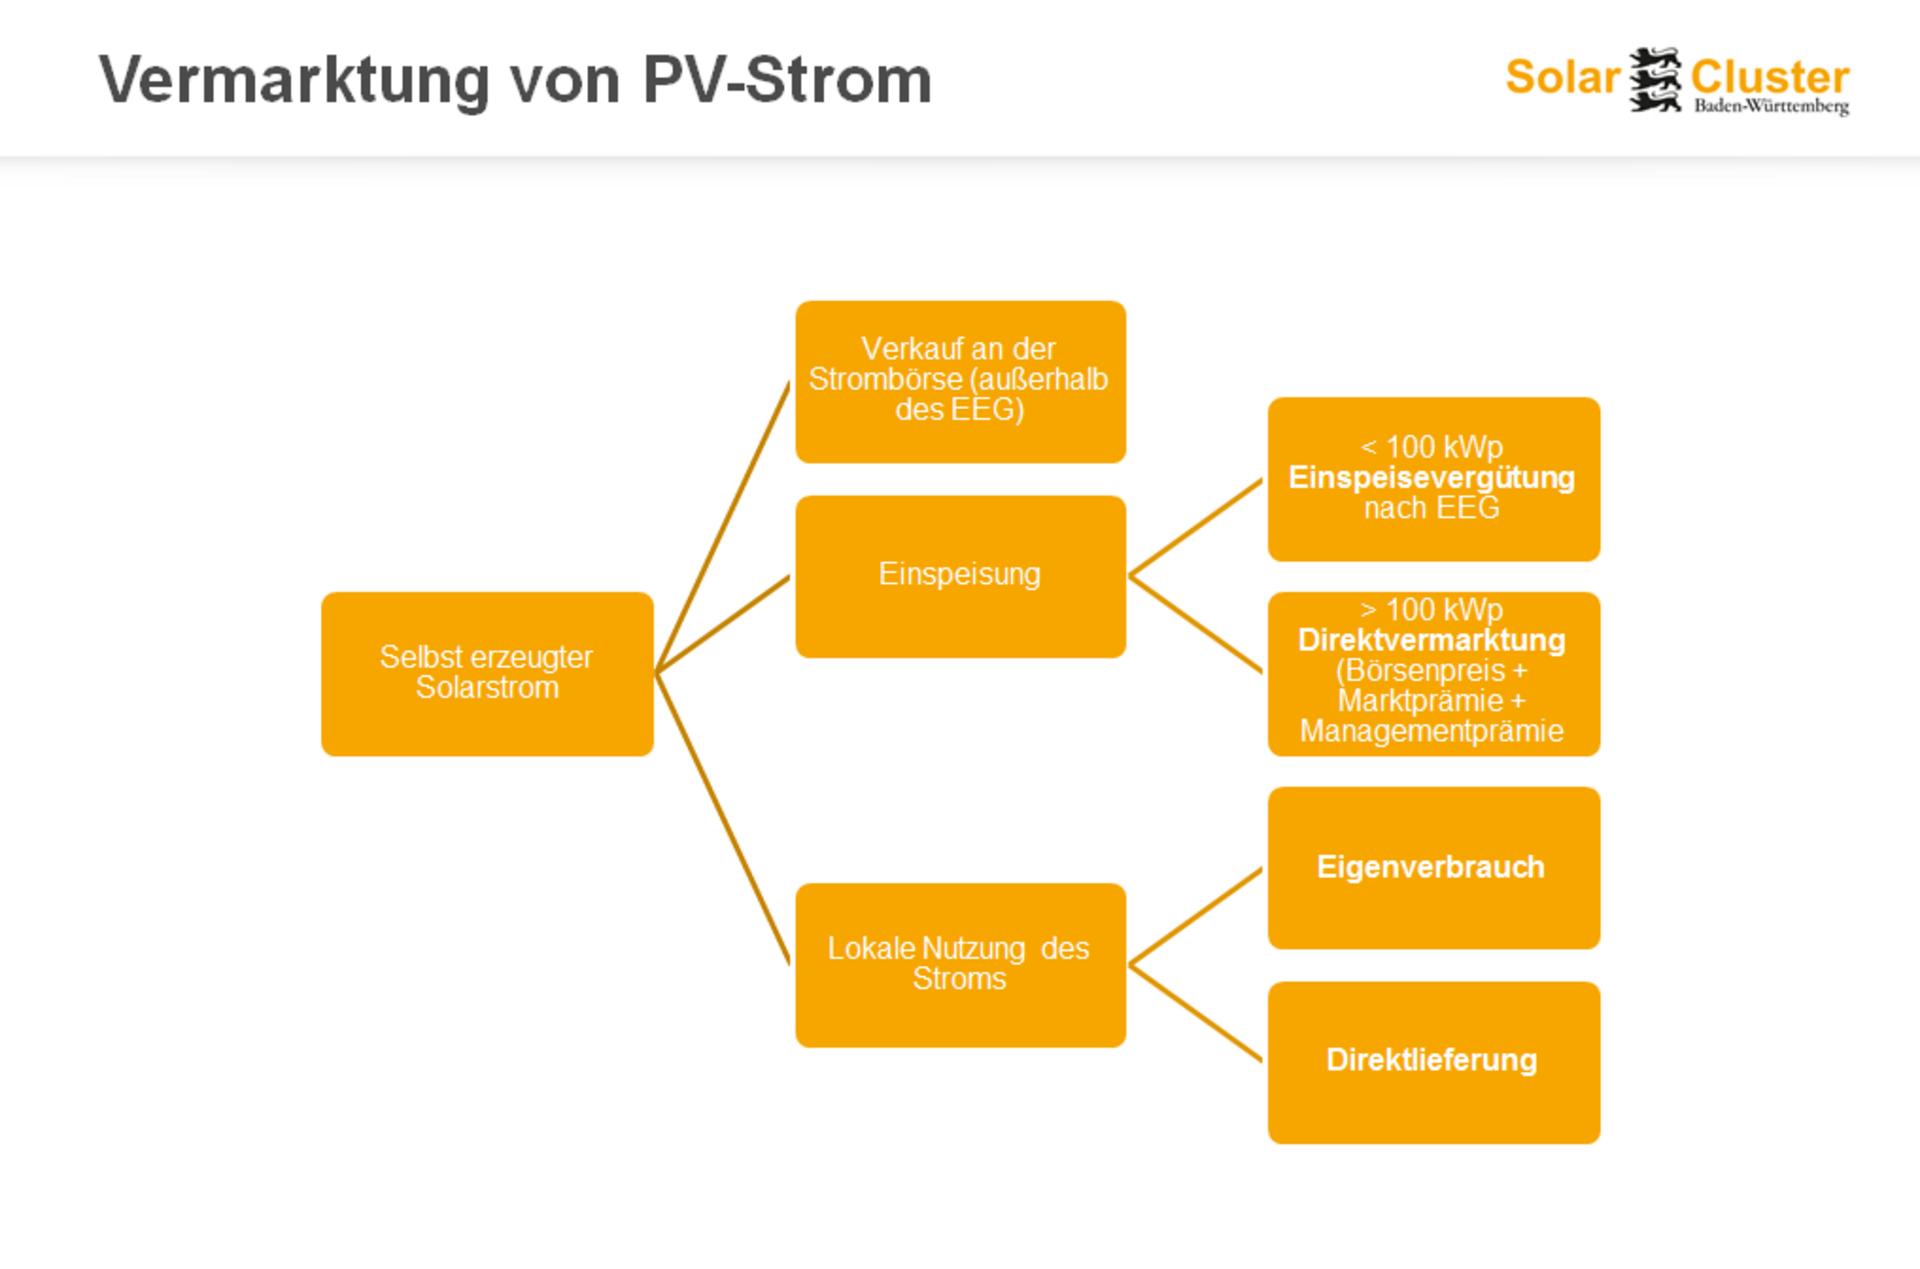 Vermarktung von PV-Strom